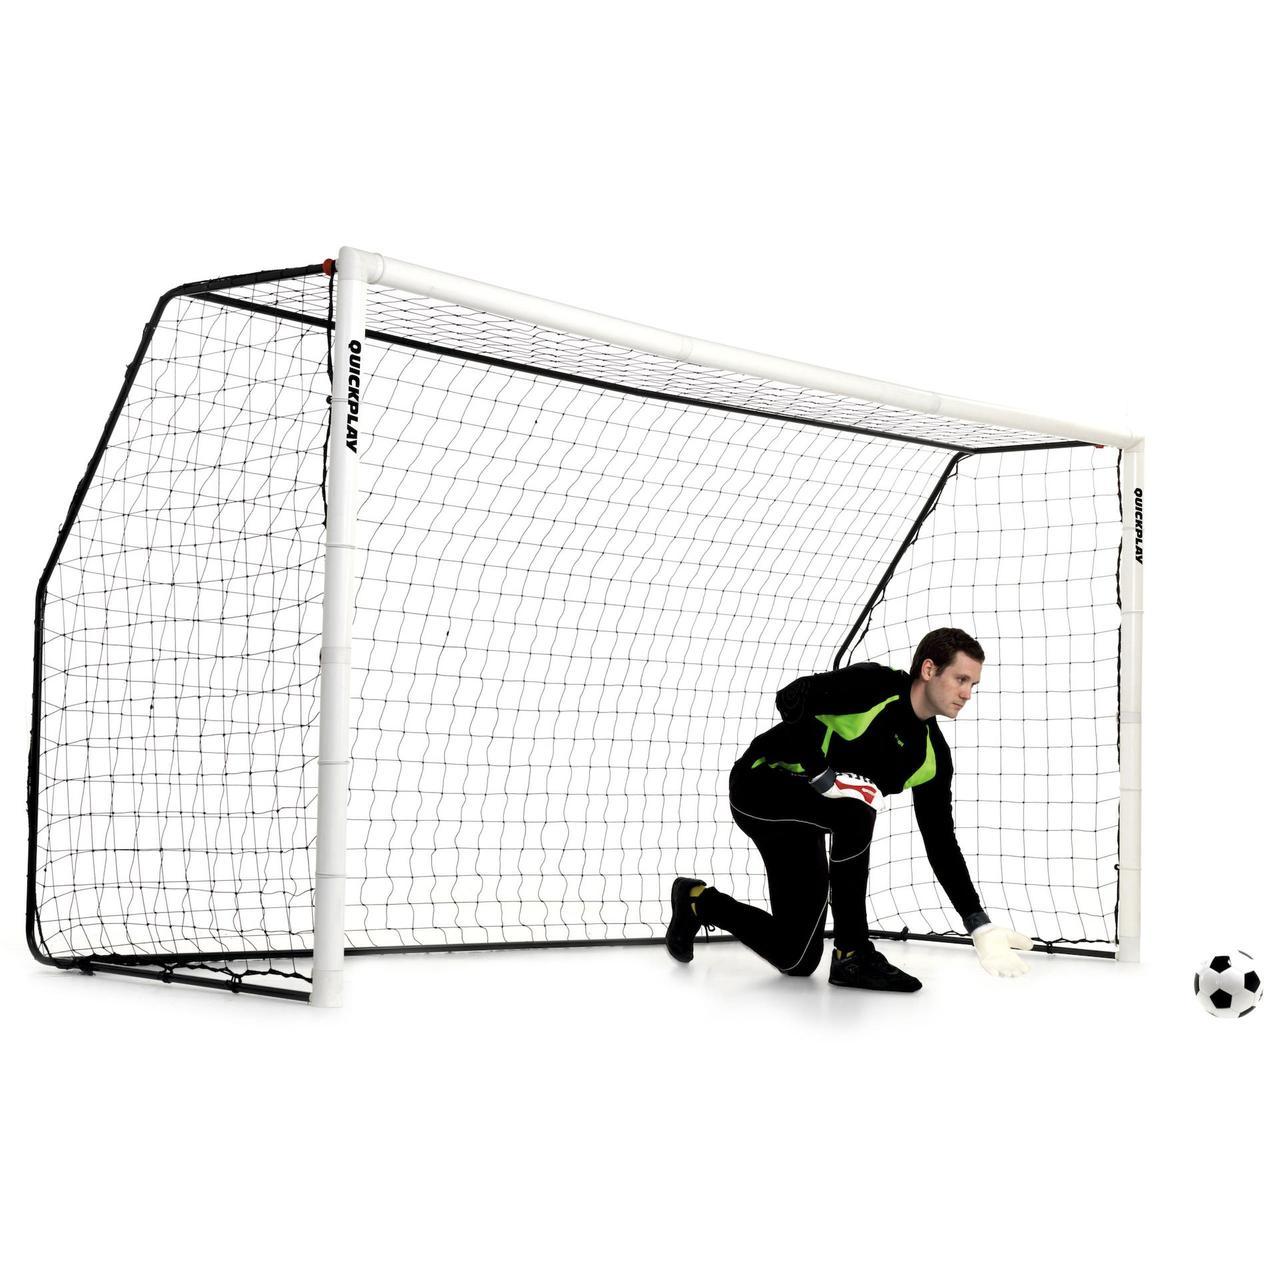 Футбольные ворота (жесткие) QUICKPLAY MATCH FOLD - 3,7 х 1,8 м.